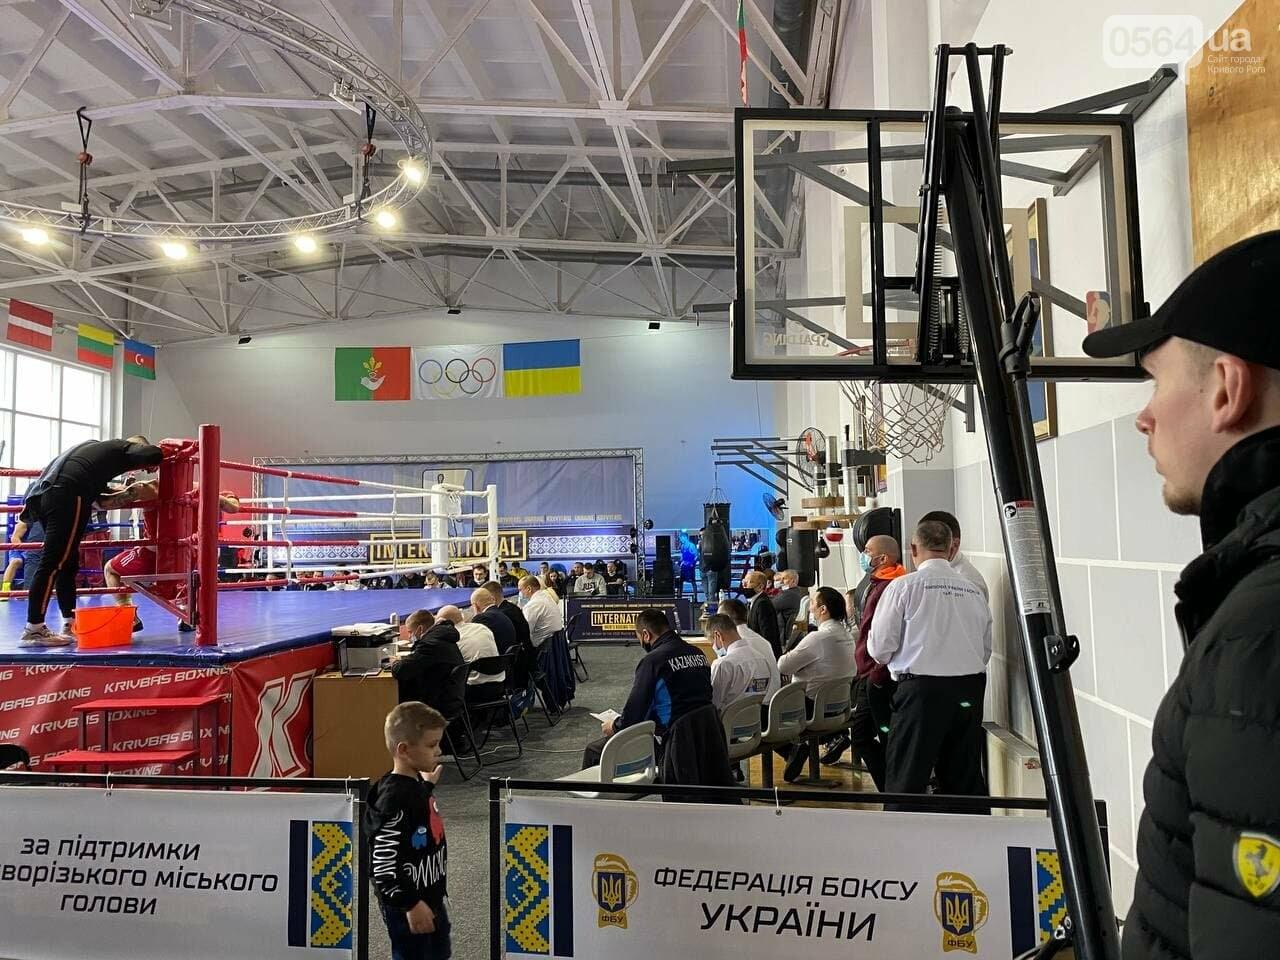 В Кривом Роге открылся Всеукраинский турнир по боксу памяти Александра Асауленко, - ФОТО, ВИДЕО , фото-1